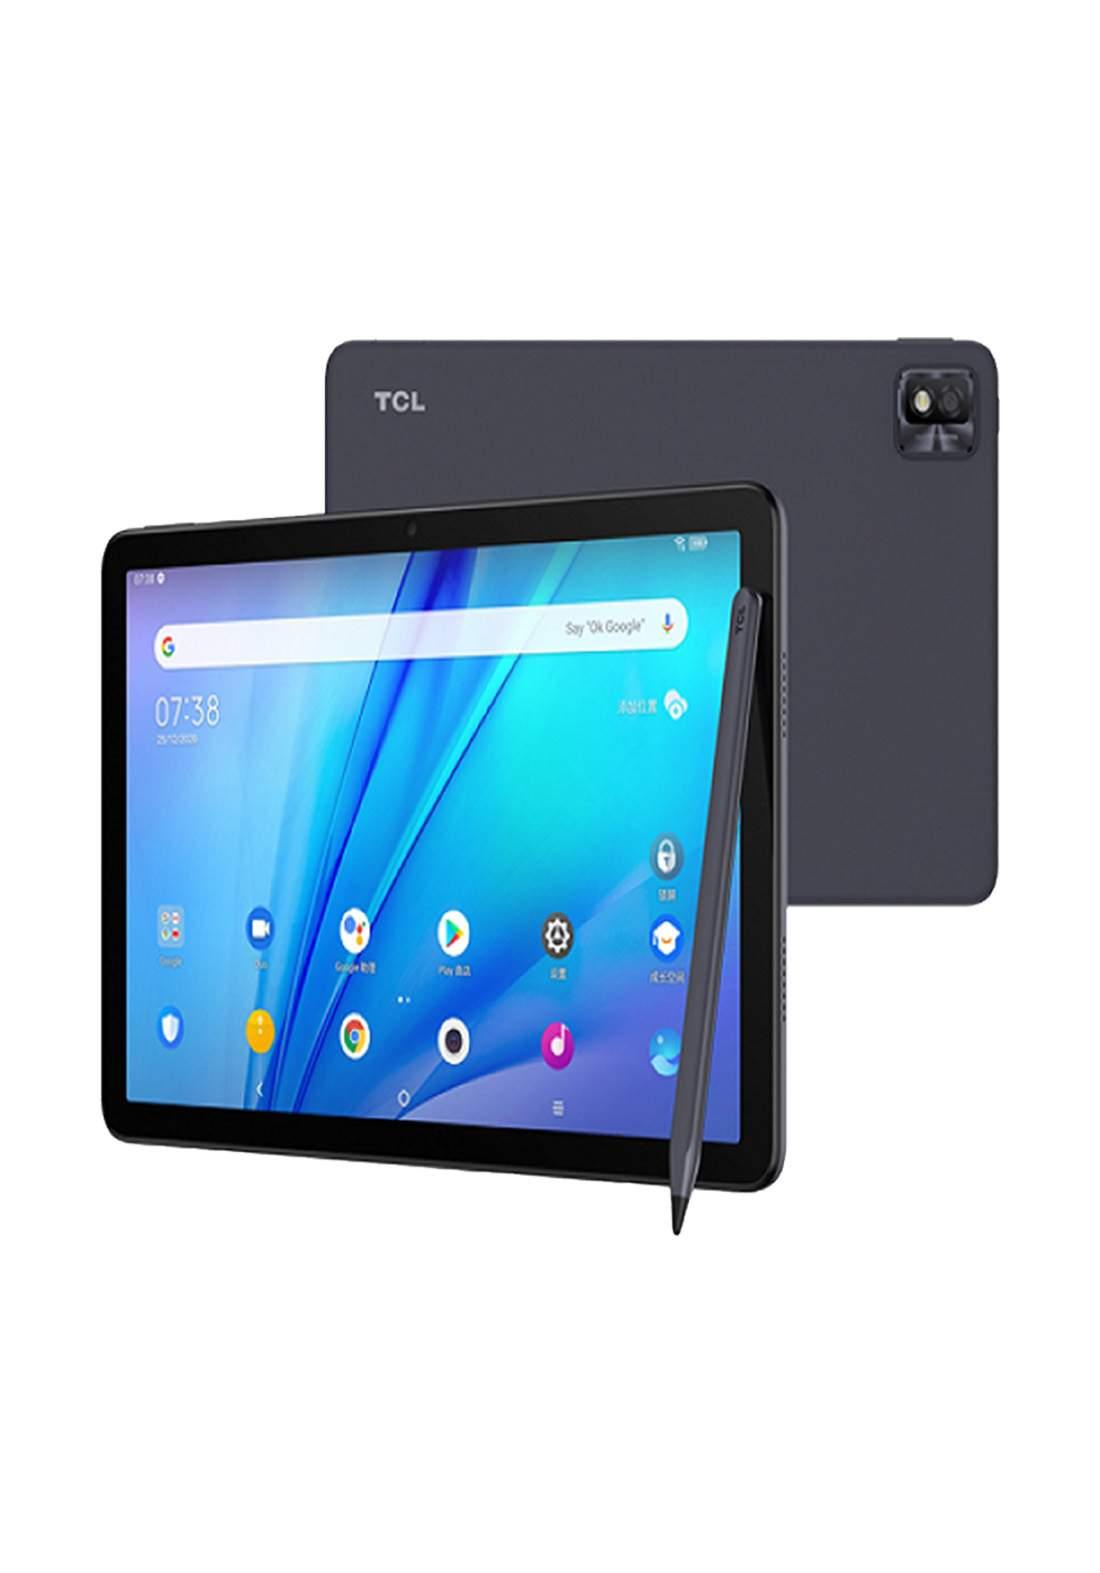 TCL Tab 10S WiFi  - 2GB RAM - 32GB - Gray